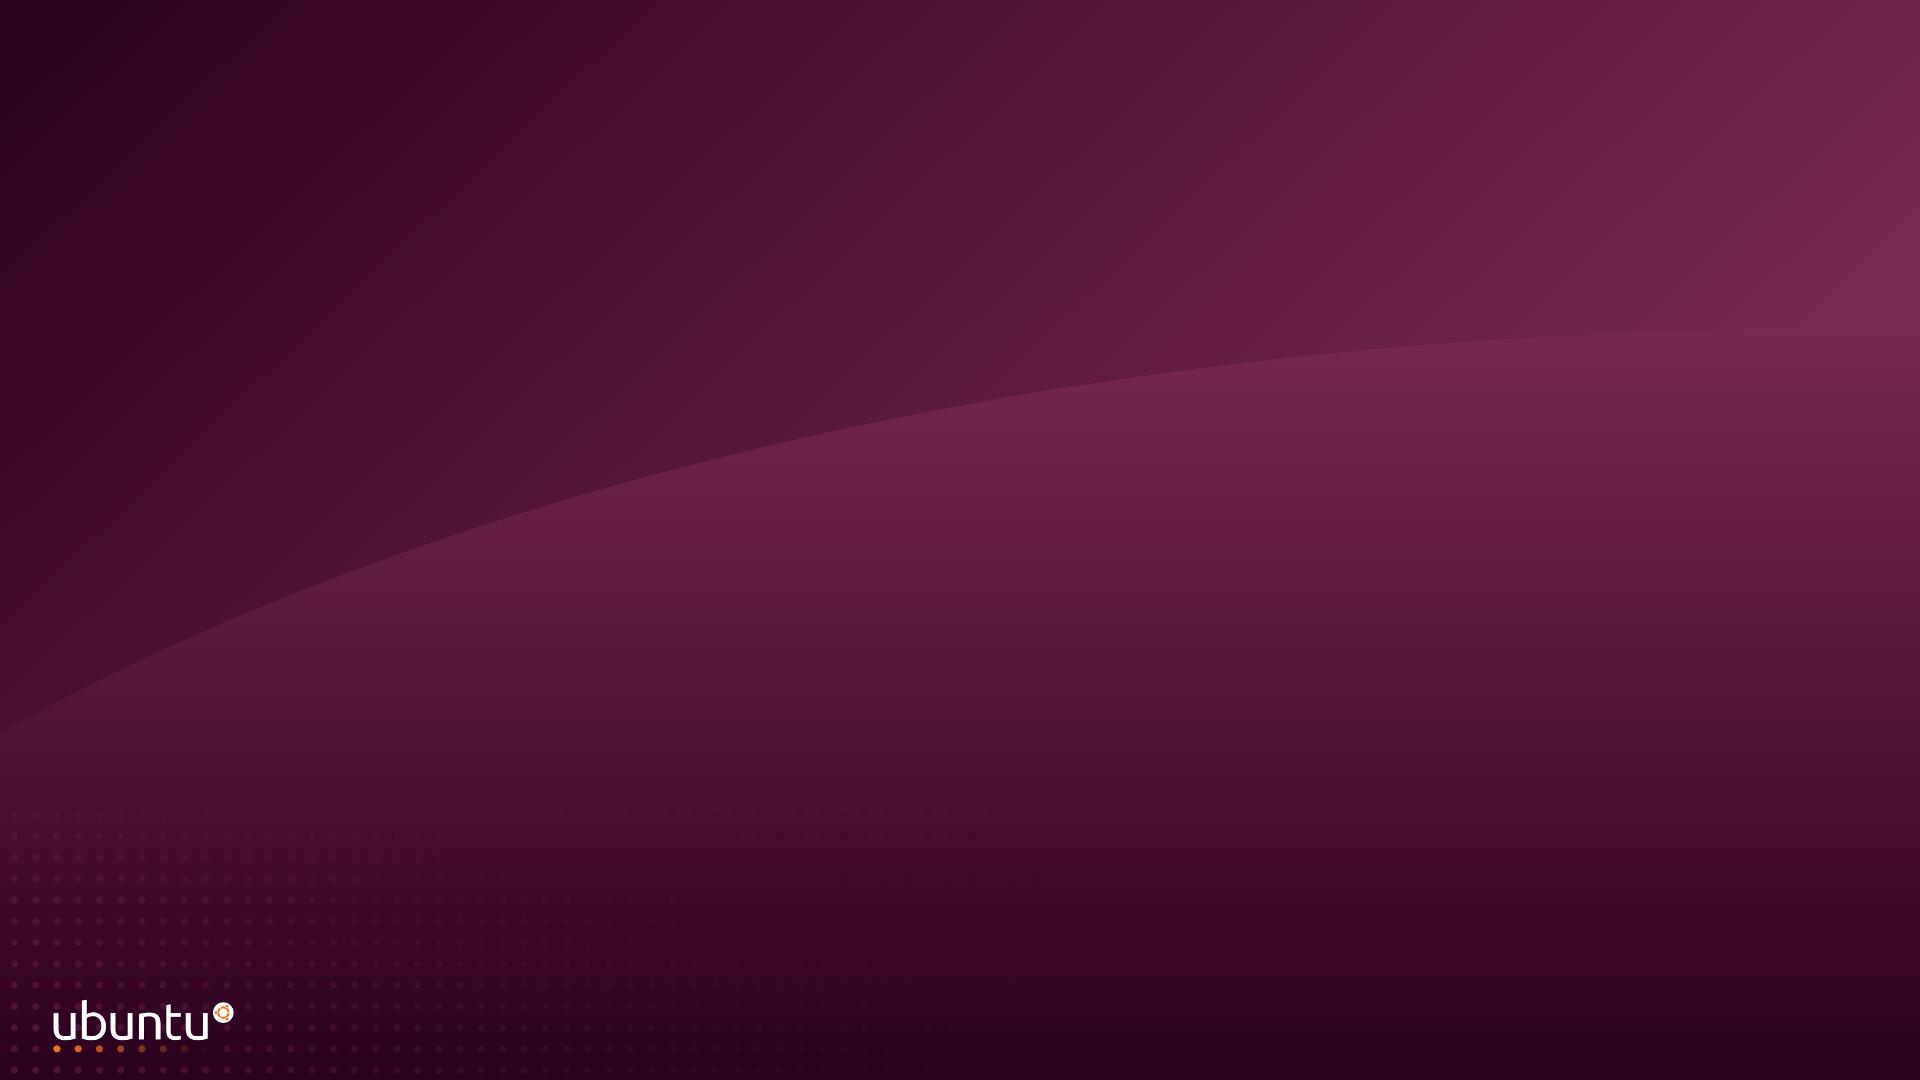 Ubuntu Wallpapers 1920x1080 - WallpaperSafari Ubuntu Wallpaper 1920x1080